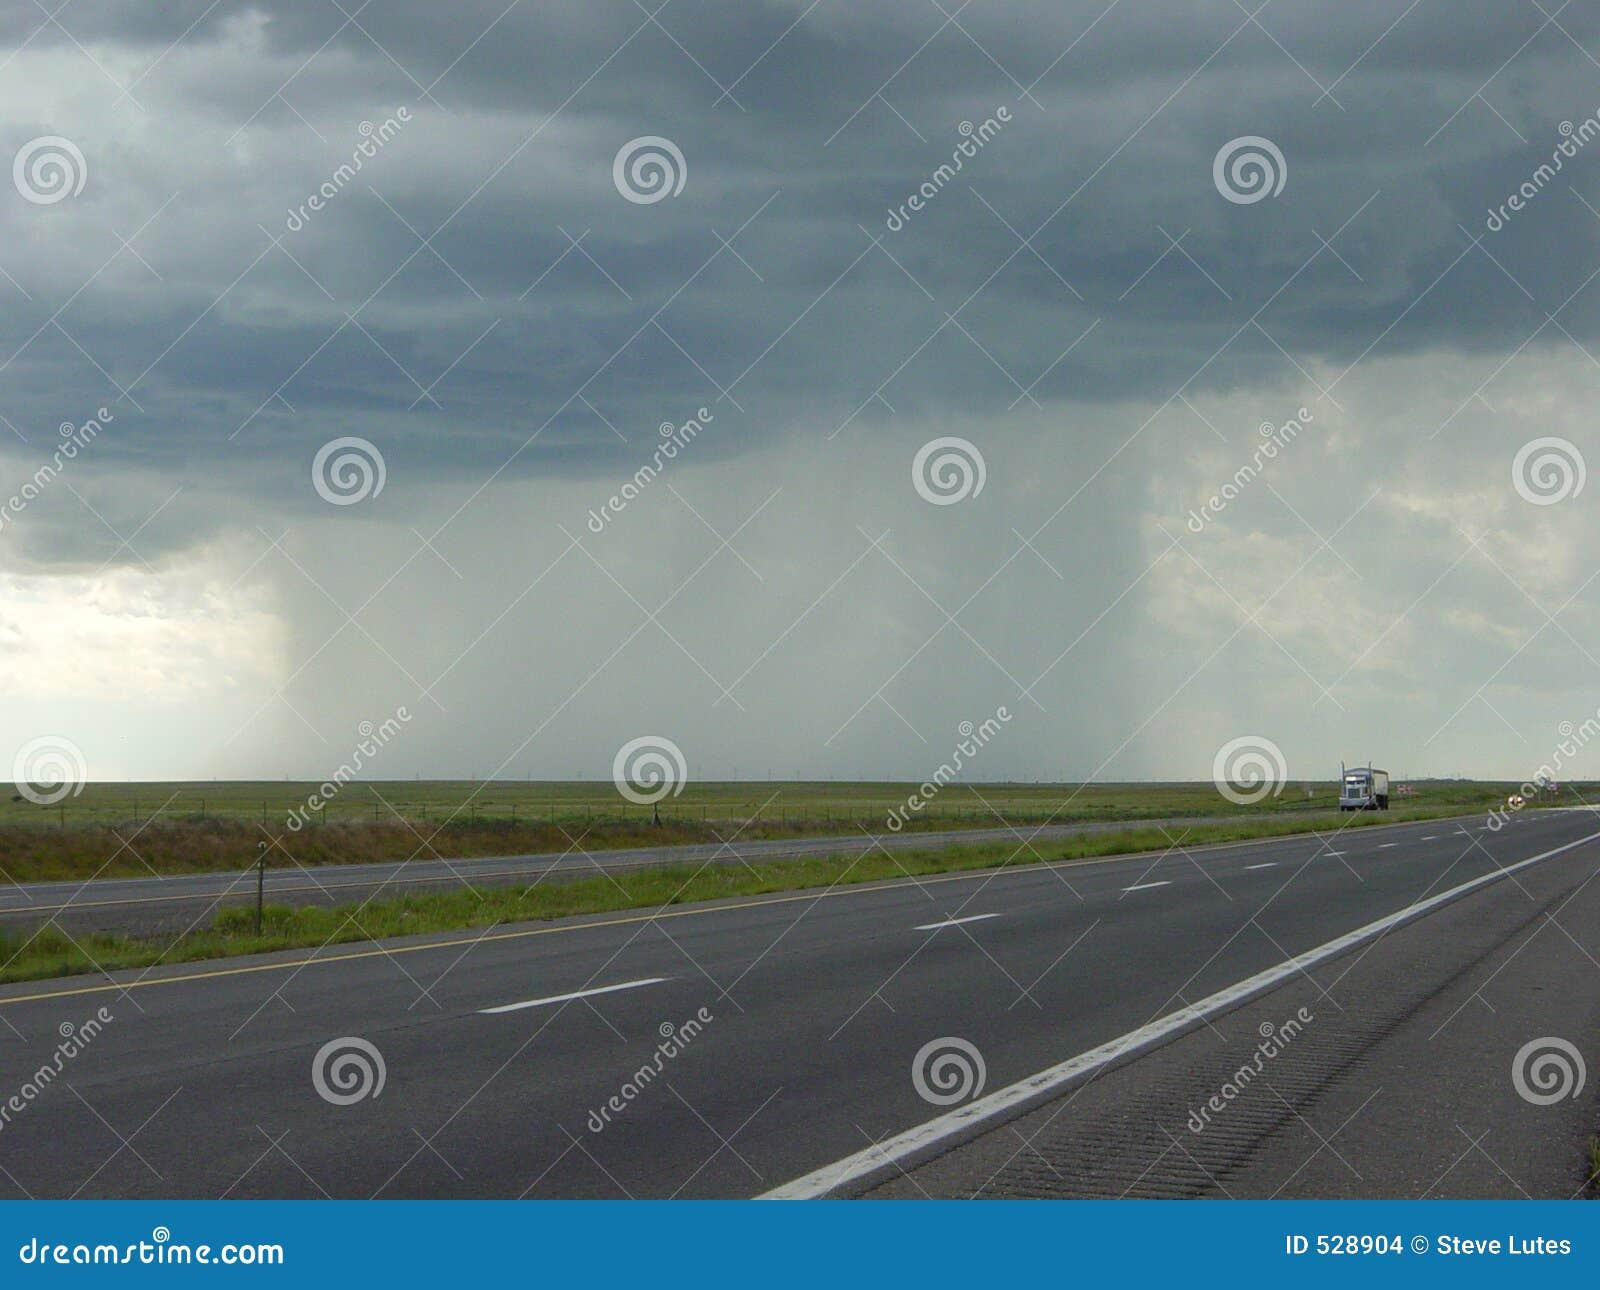 Download 黑暗的柱子雨 库存照片. 图片 包括有 高速公路, 云彩, 天气, 天堂, 拖车, 雷暴, 船具, thunderhead - 528904